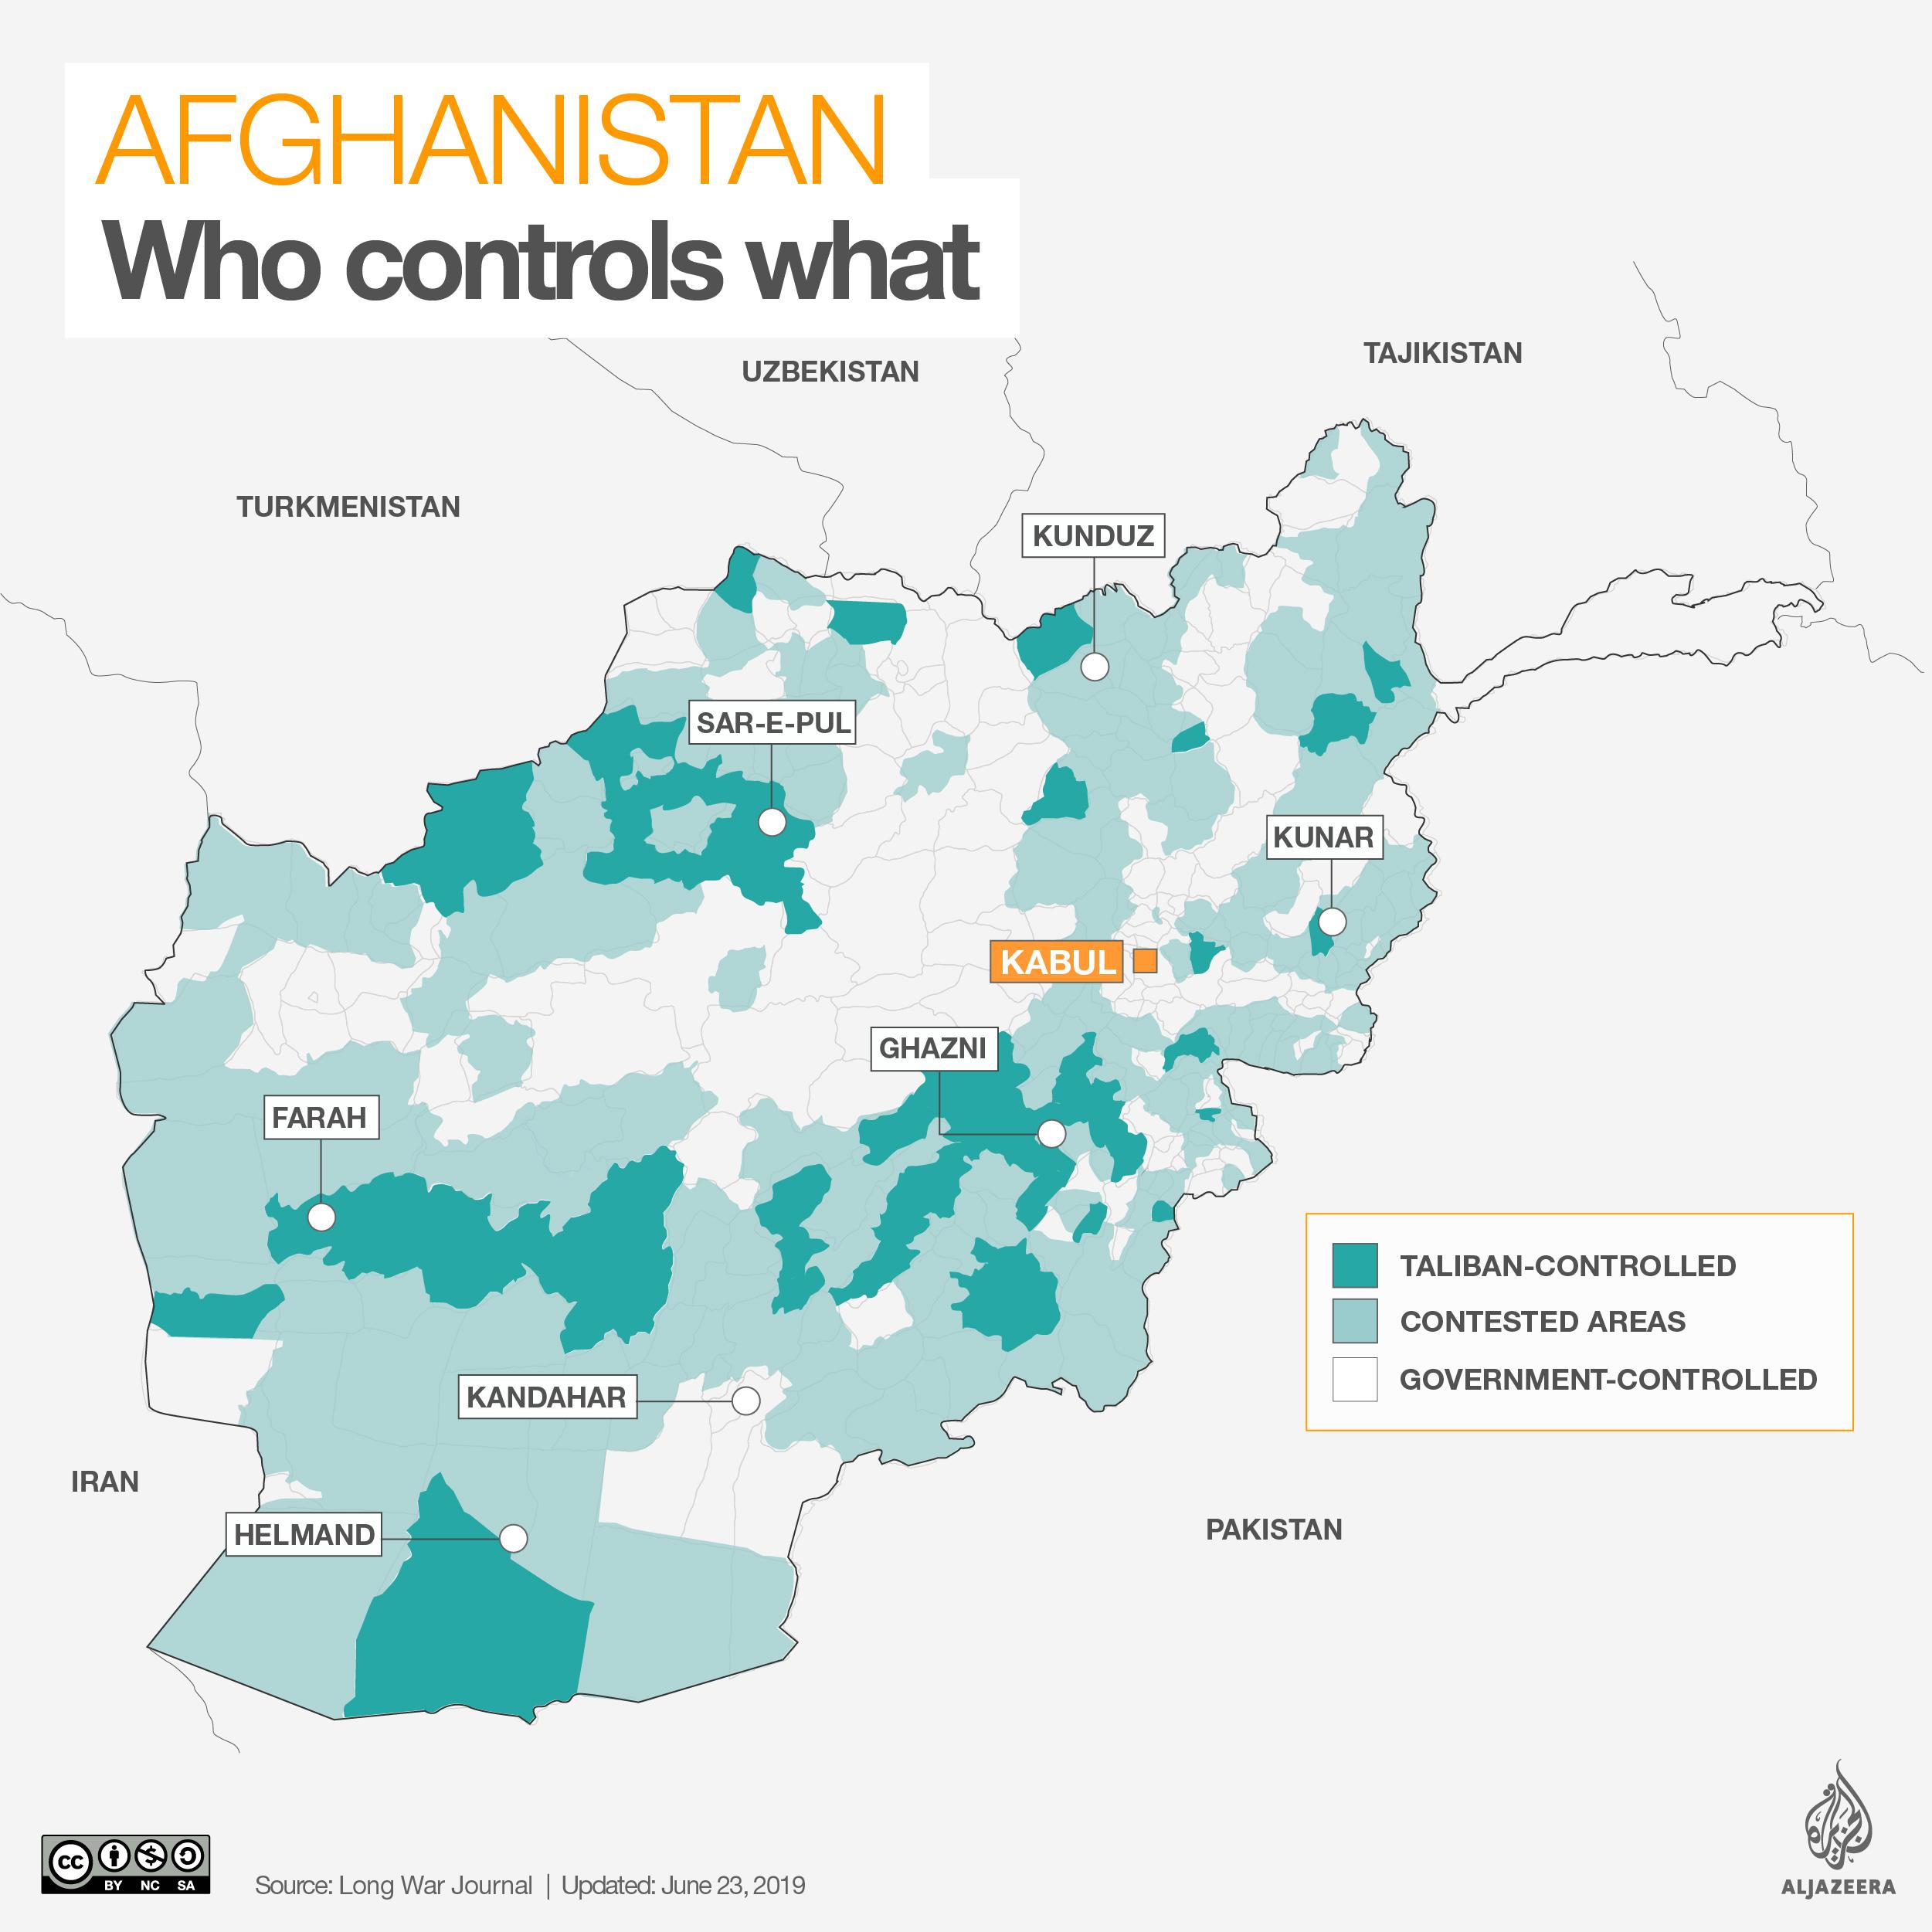 ایالات متحده و گروه طالبان پس از 18 سال درگیری نظامی در افغانستان به توافق صلح دست یافته و این توافق را در دوحه، قطر به امضای نمایندگان دو گروه رساندند.